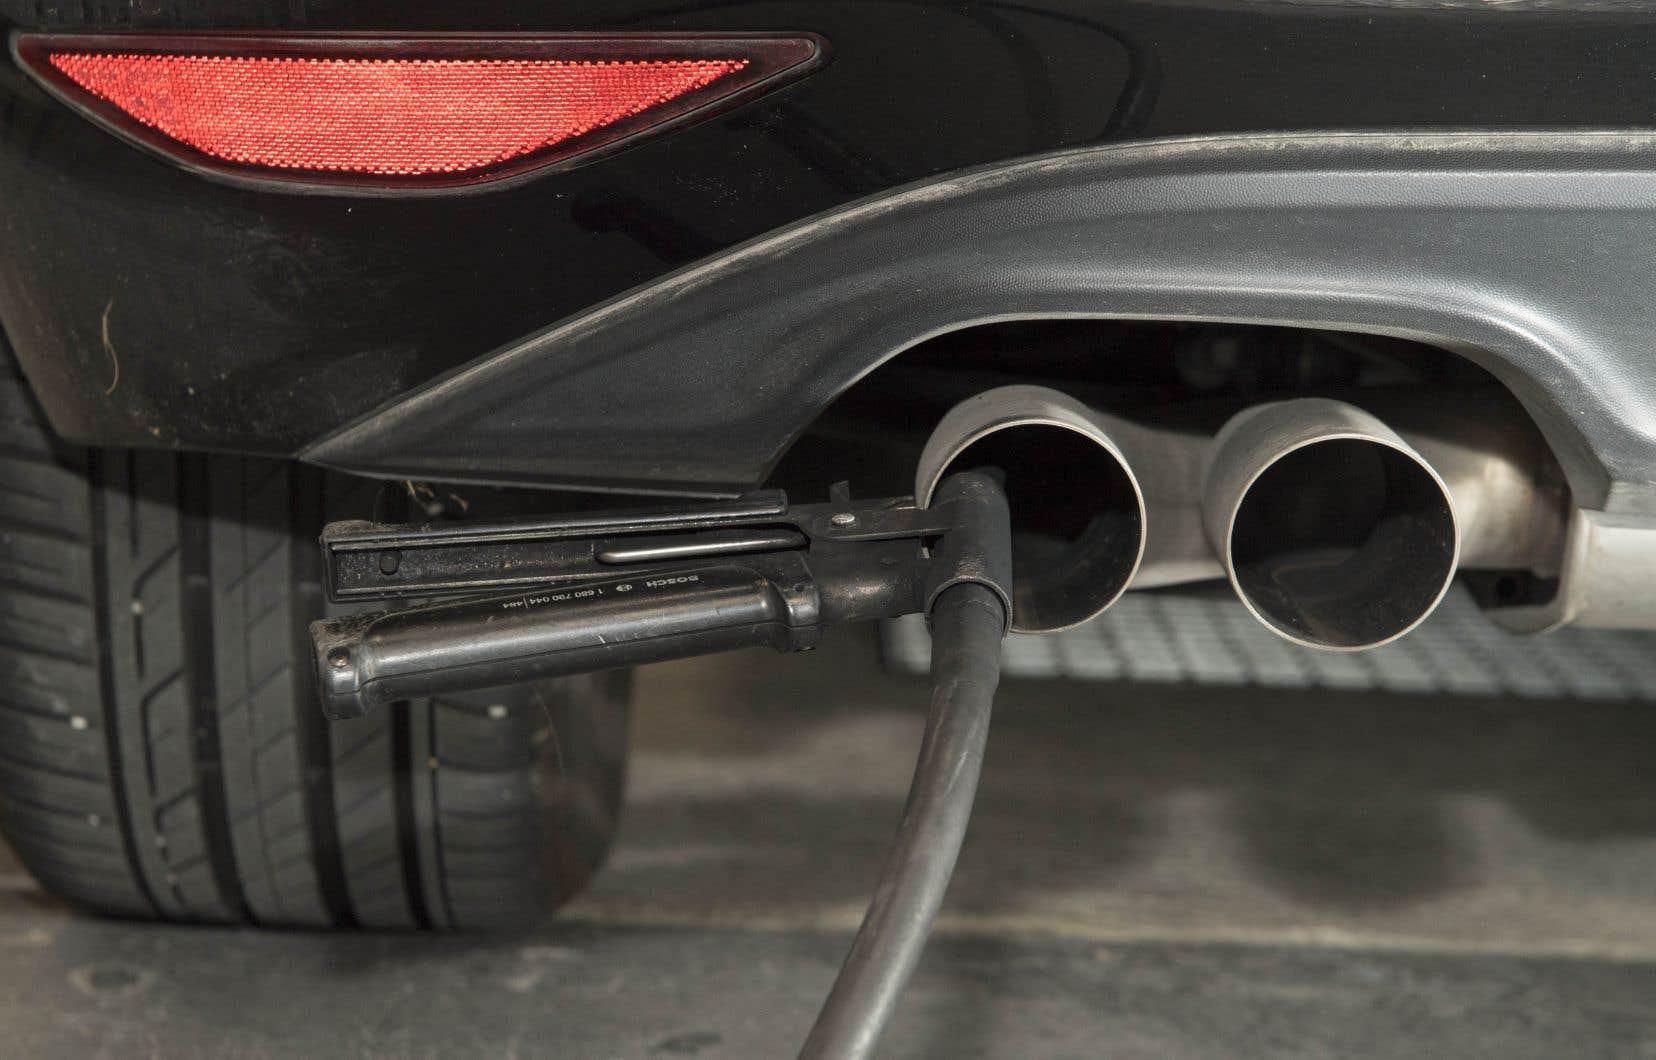 Volkswagen reconnaît avoir truqué 11 millions de véhicules, dont 8,5 millions en Europe et 600 000 aux États-Unis, pour les faire paraître moins polluants qu'ils ne le sont réellement.